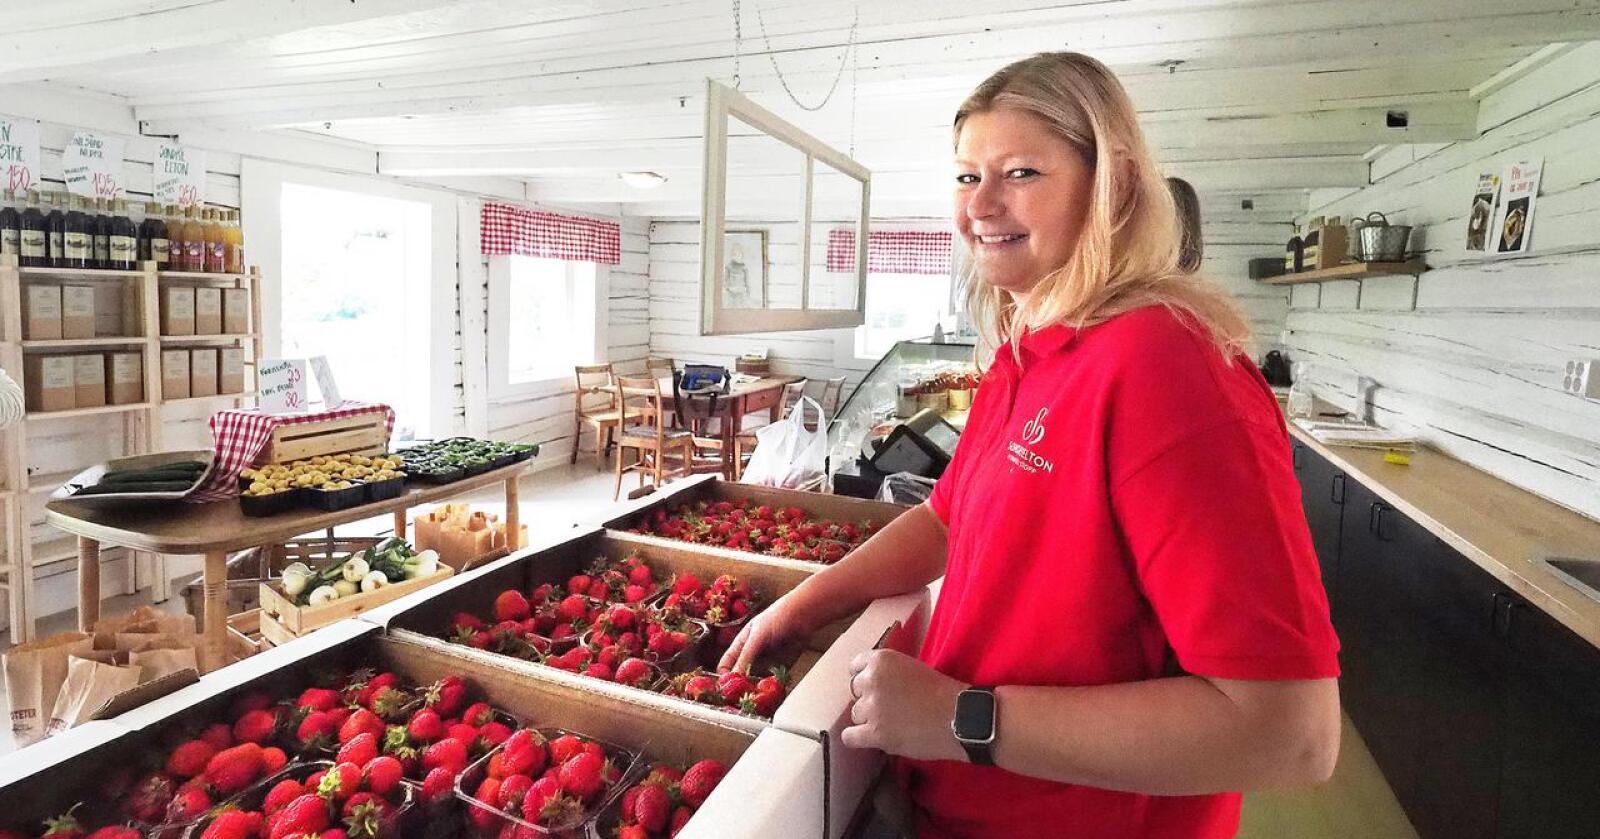 Anette Løvlien Vold selger bær inne i jordbærkiosken de driver på gården. Foto: Siri Juell Rasmussen